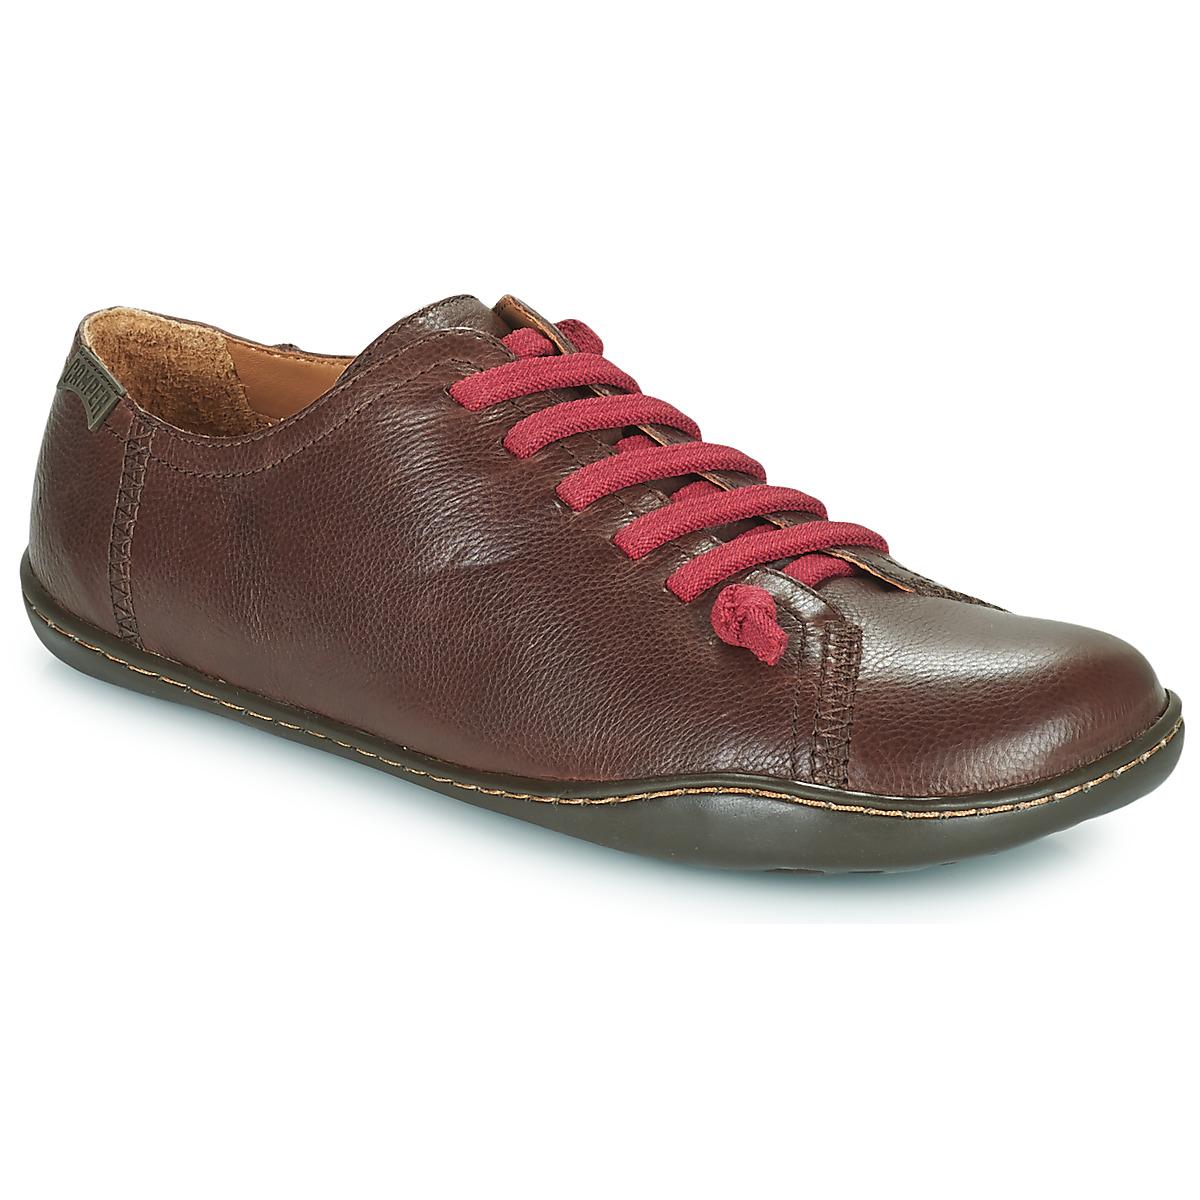 Chaussures Camper roses fille LKdRHv